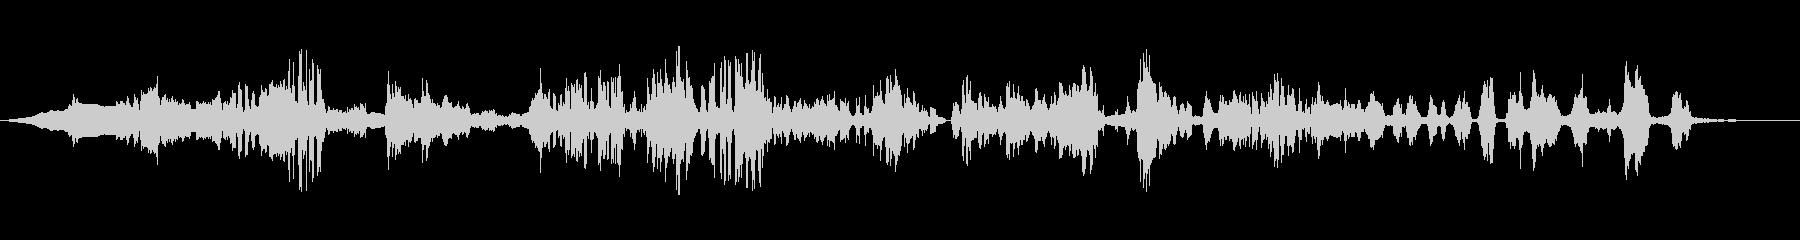 高音質バイノーラル録音デジタルモスキートの未再生の波形